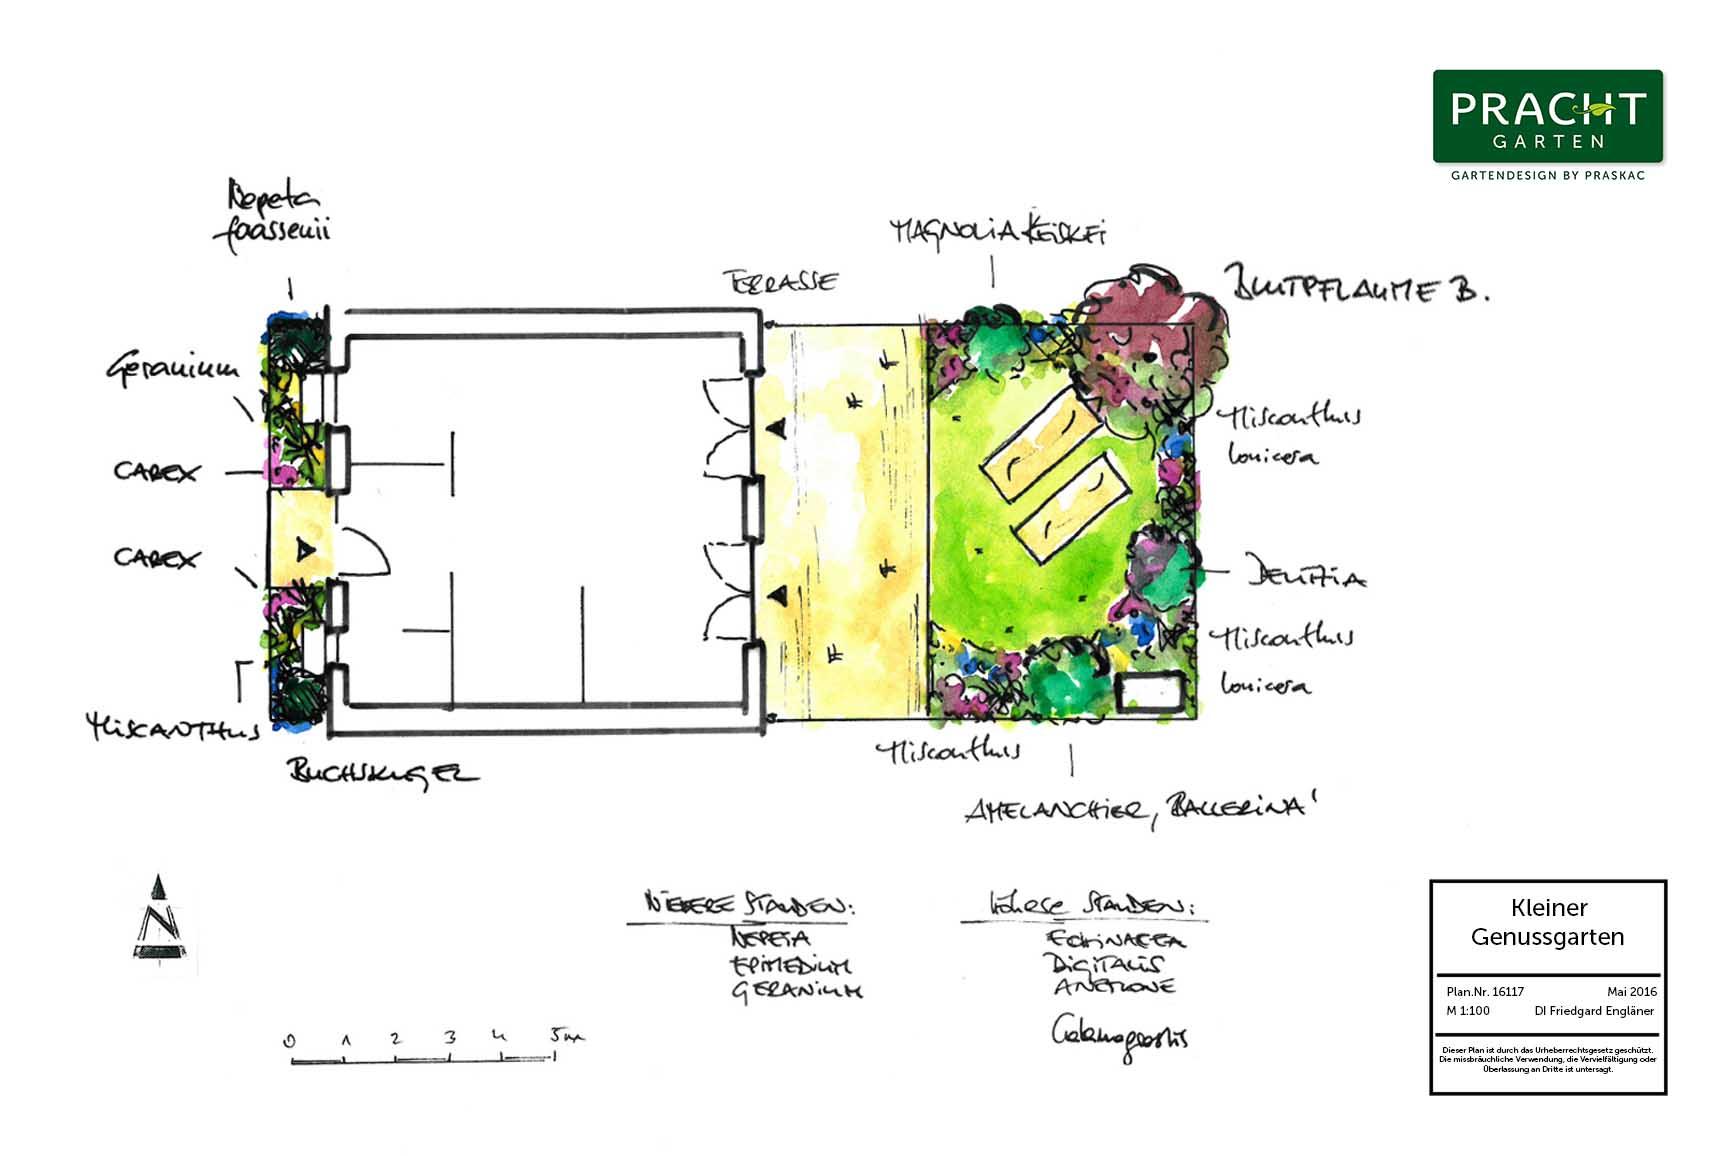 Architekturplanung eines kleinen Gartens